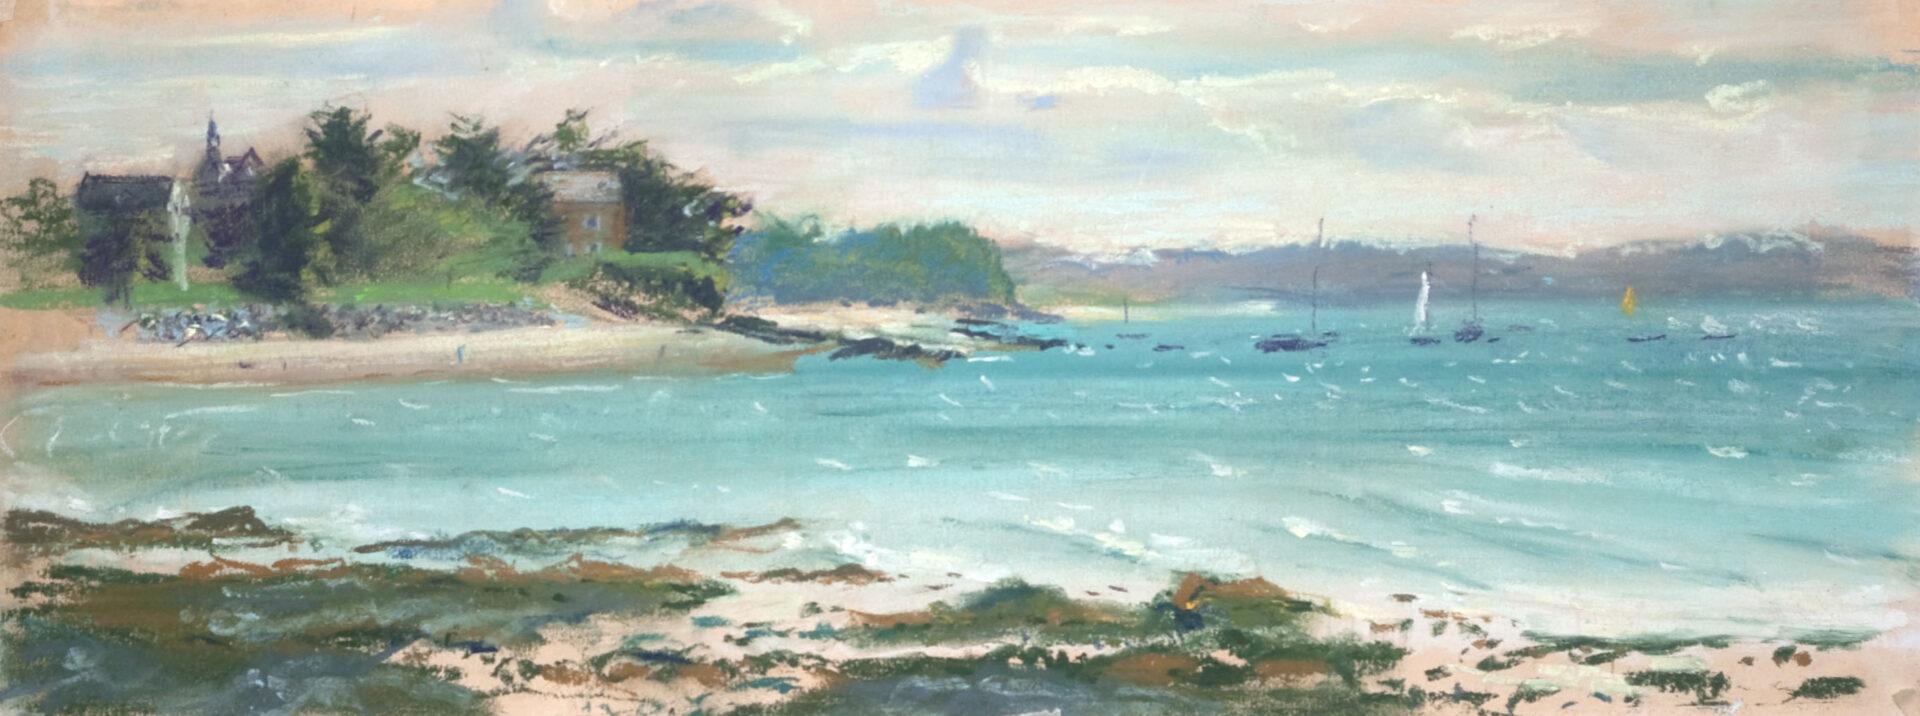 pastel schilderij strandgezicht zee en dorpje Bretagne Frankrijk zeilbootjes realistisch